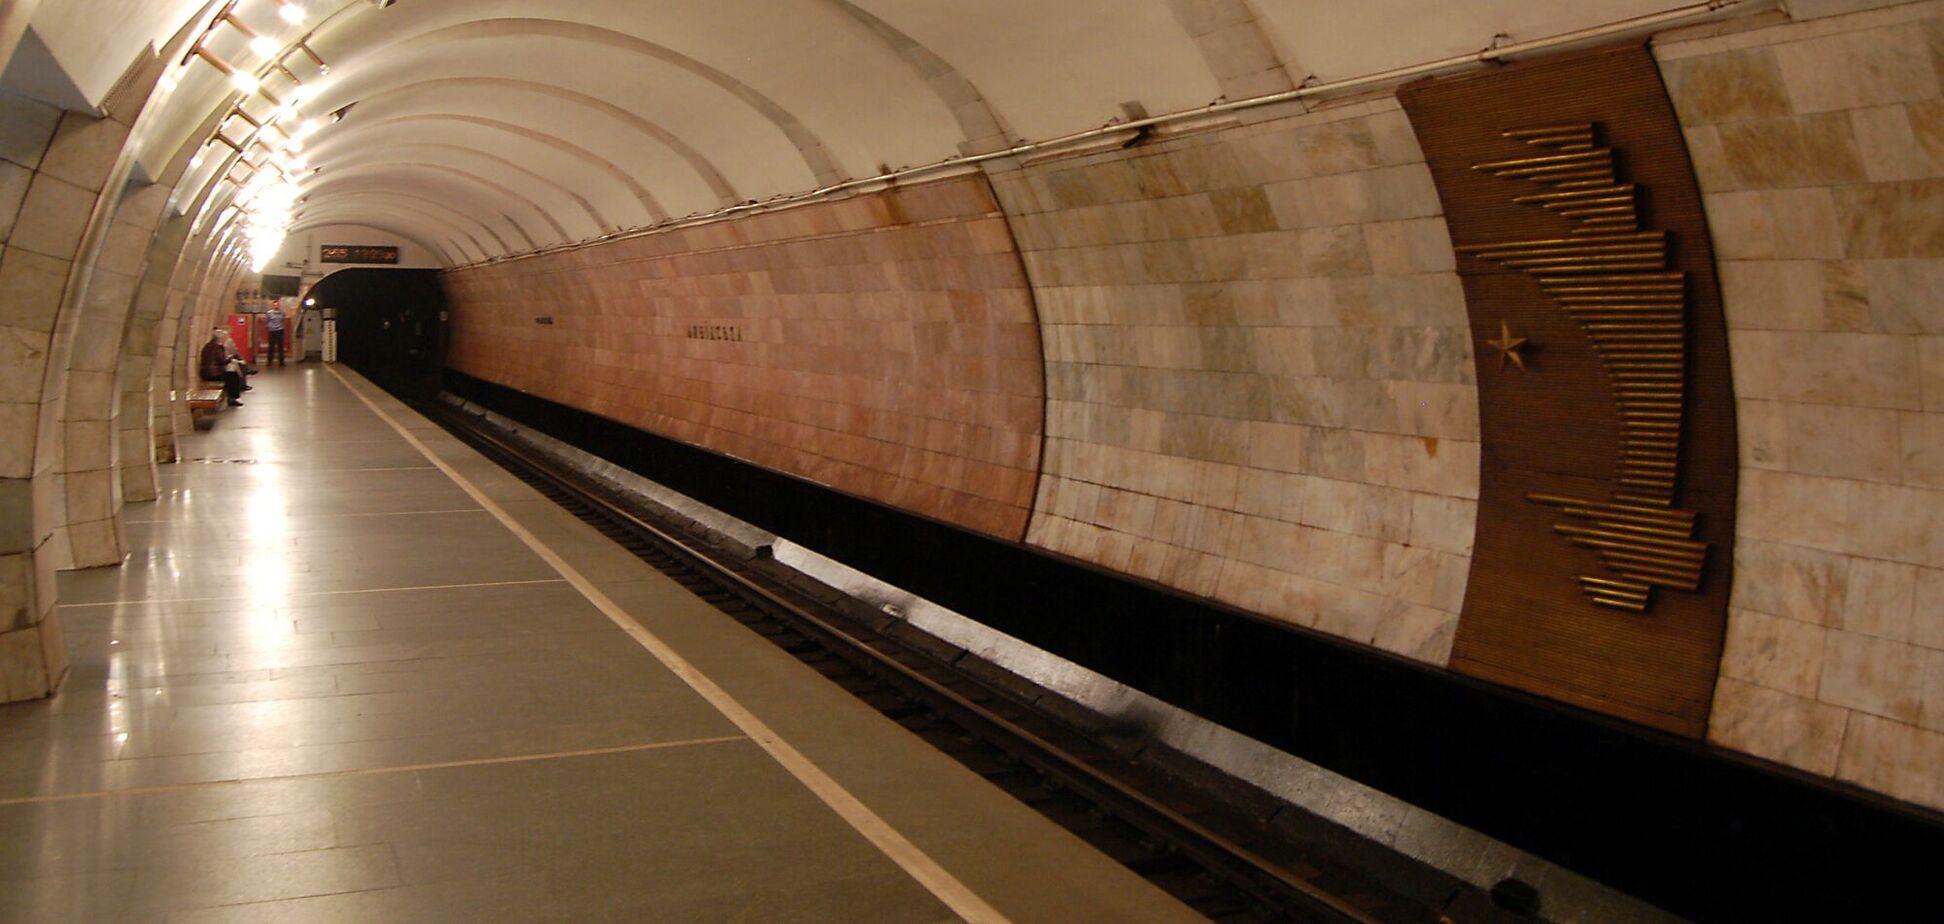 Станція закладена на глибині 22 метри